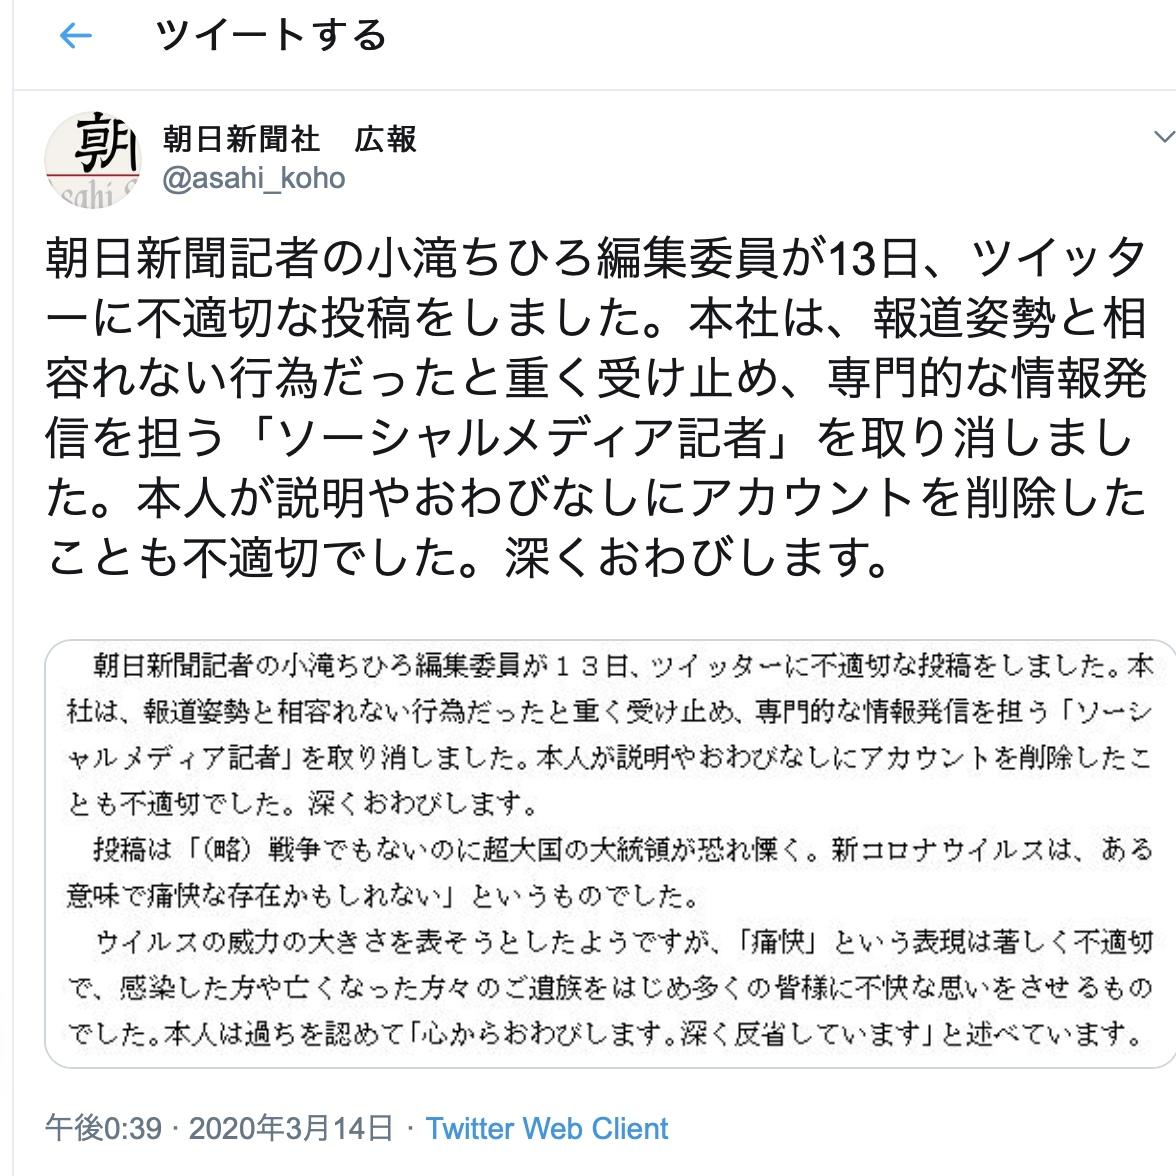 ちひろ 委員 小滝 編集 小滝ちひろの学歴と経歴!wikiプロフィールについて